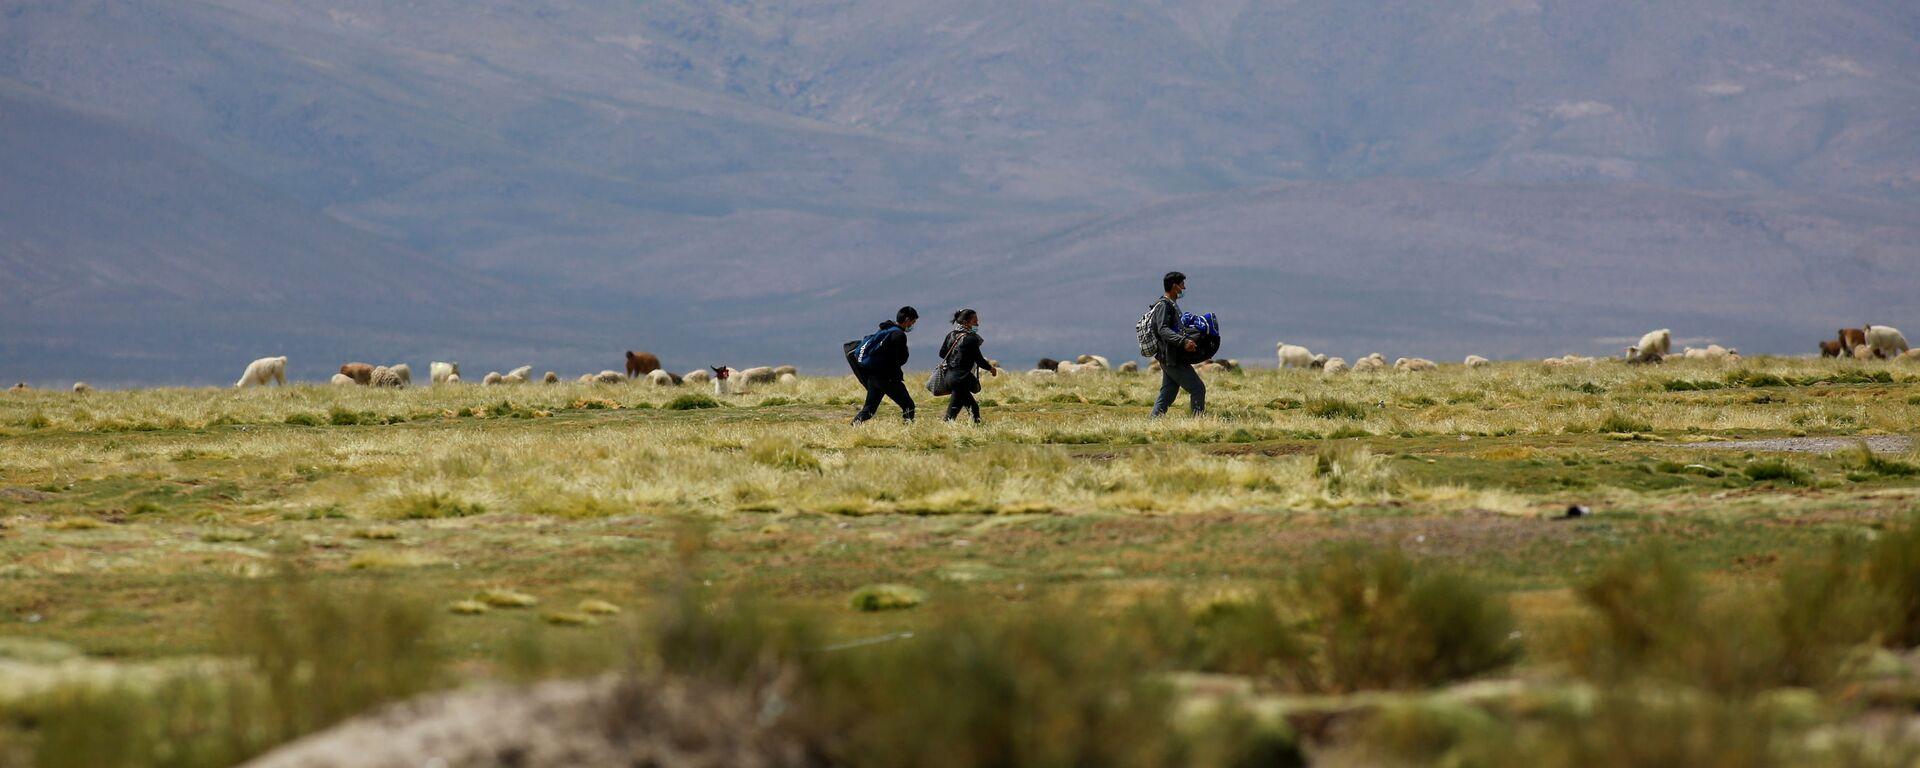 Migrantes en la frontera entre Chile y Bolivia - Sputnik Mundo, 1920, 16.02.2021